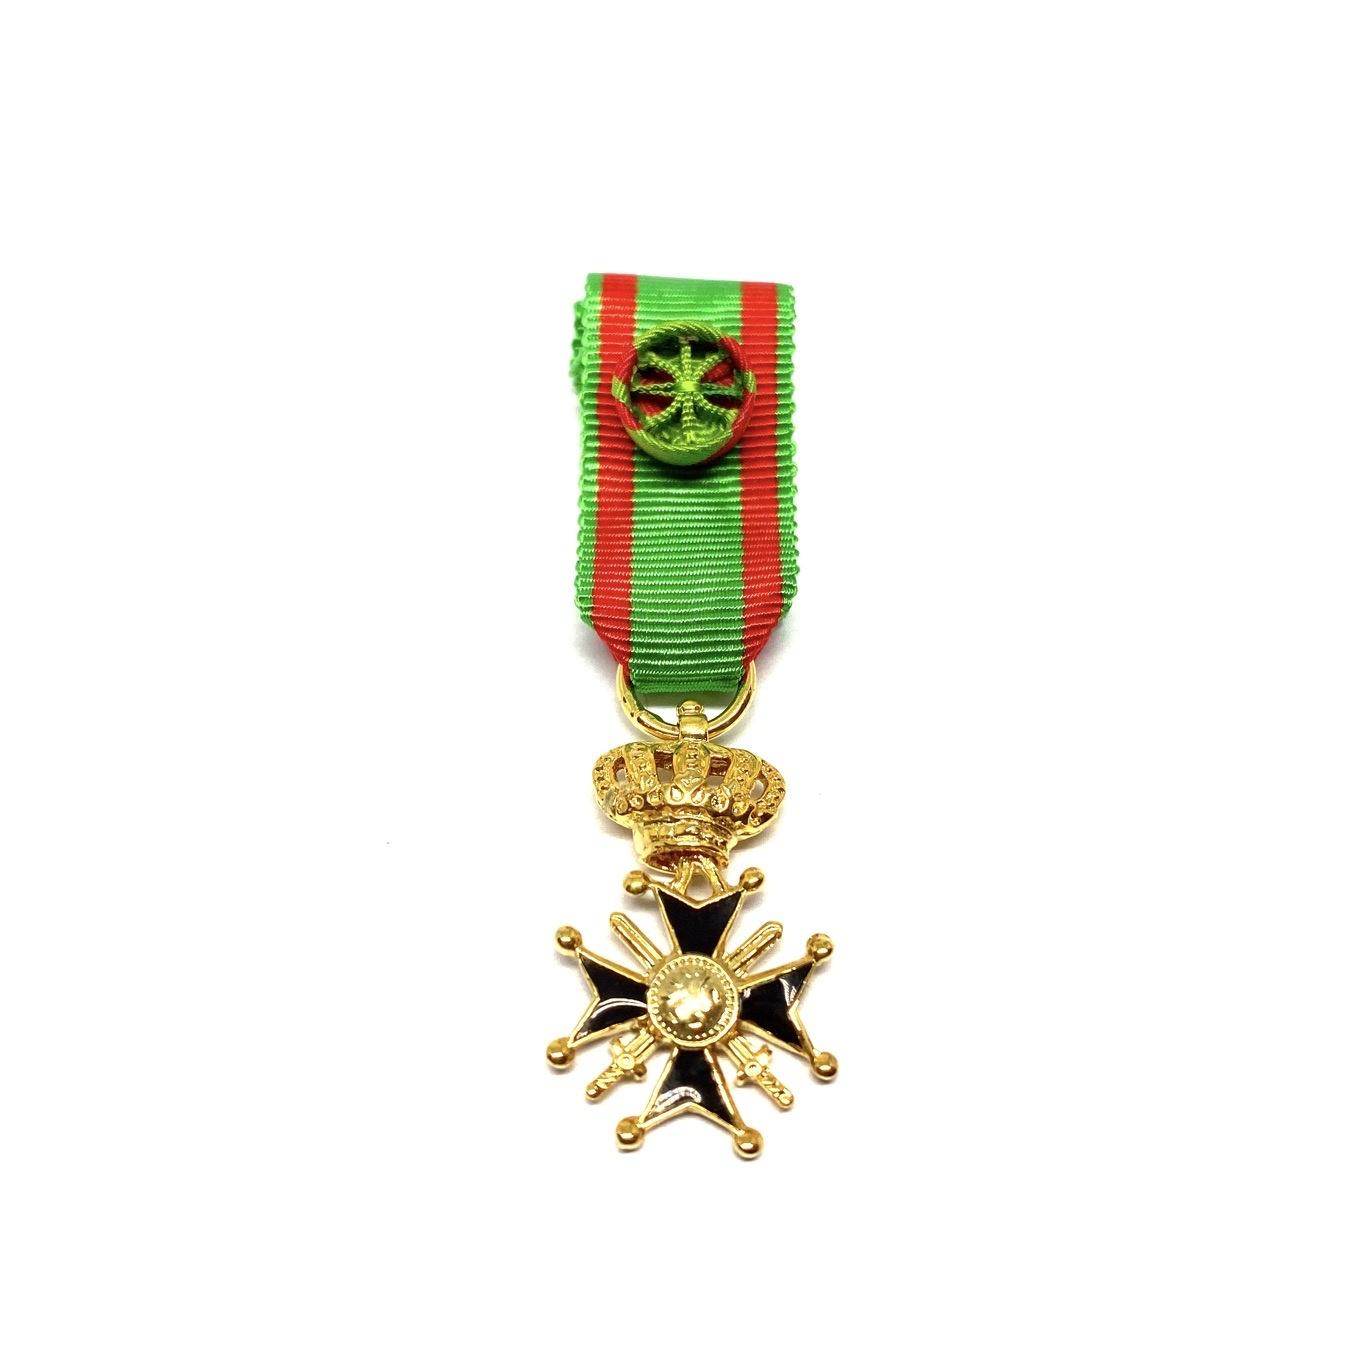 Military Cross first class